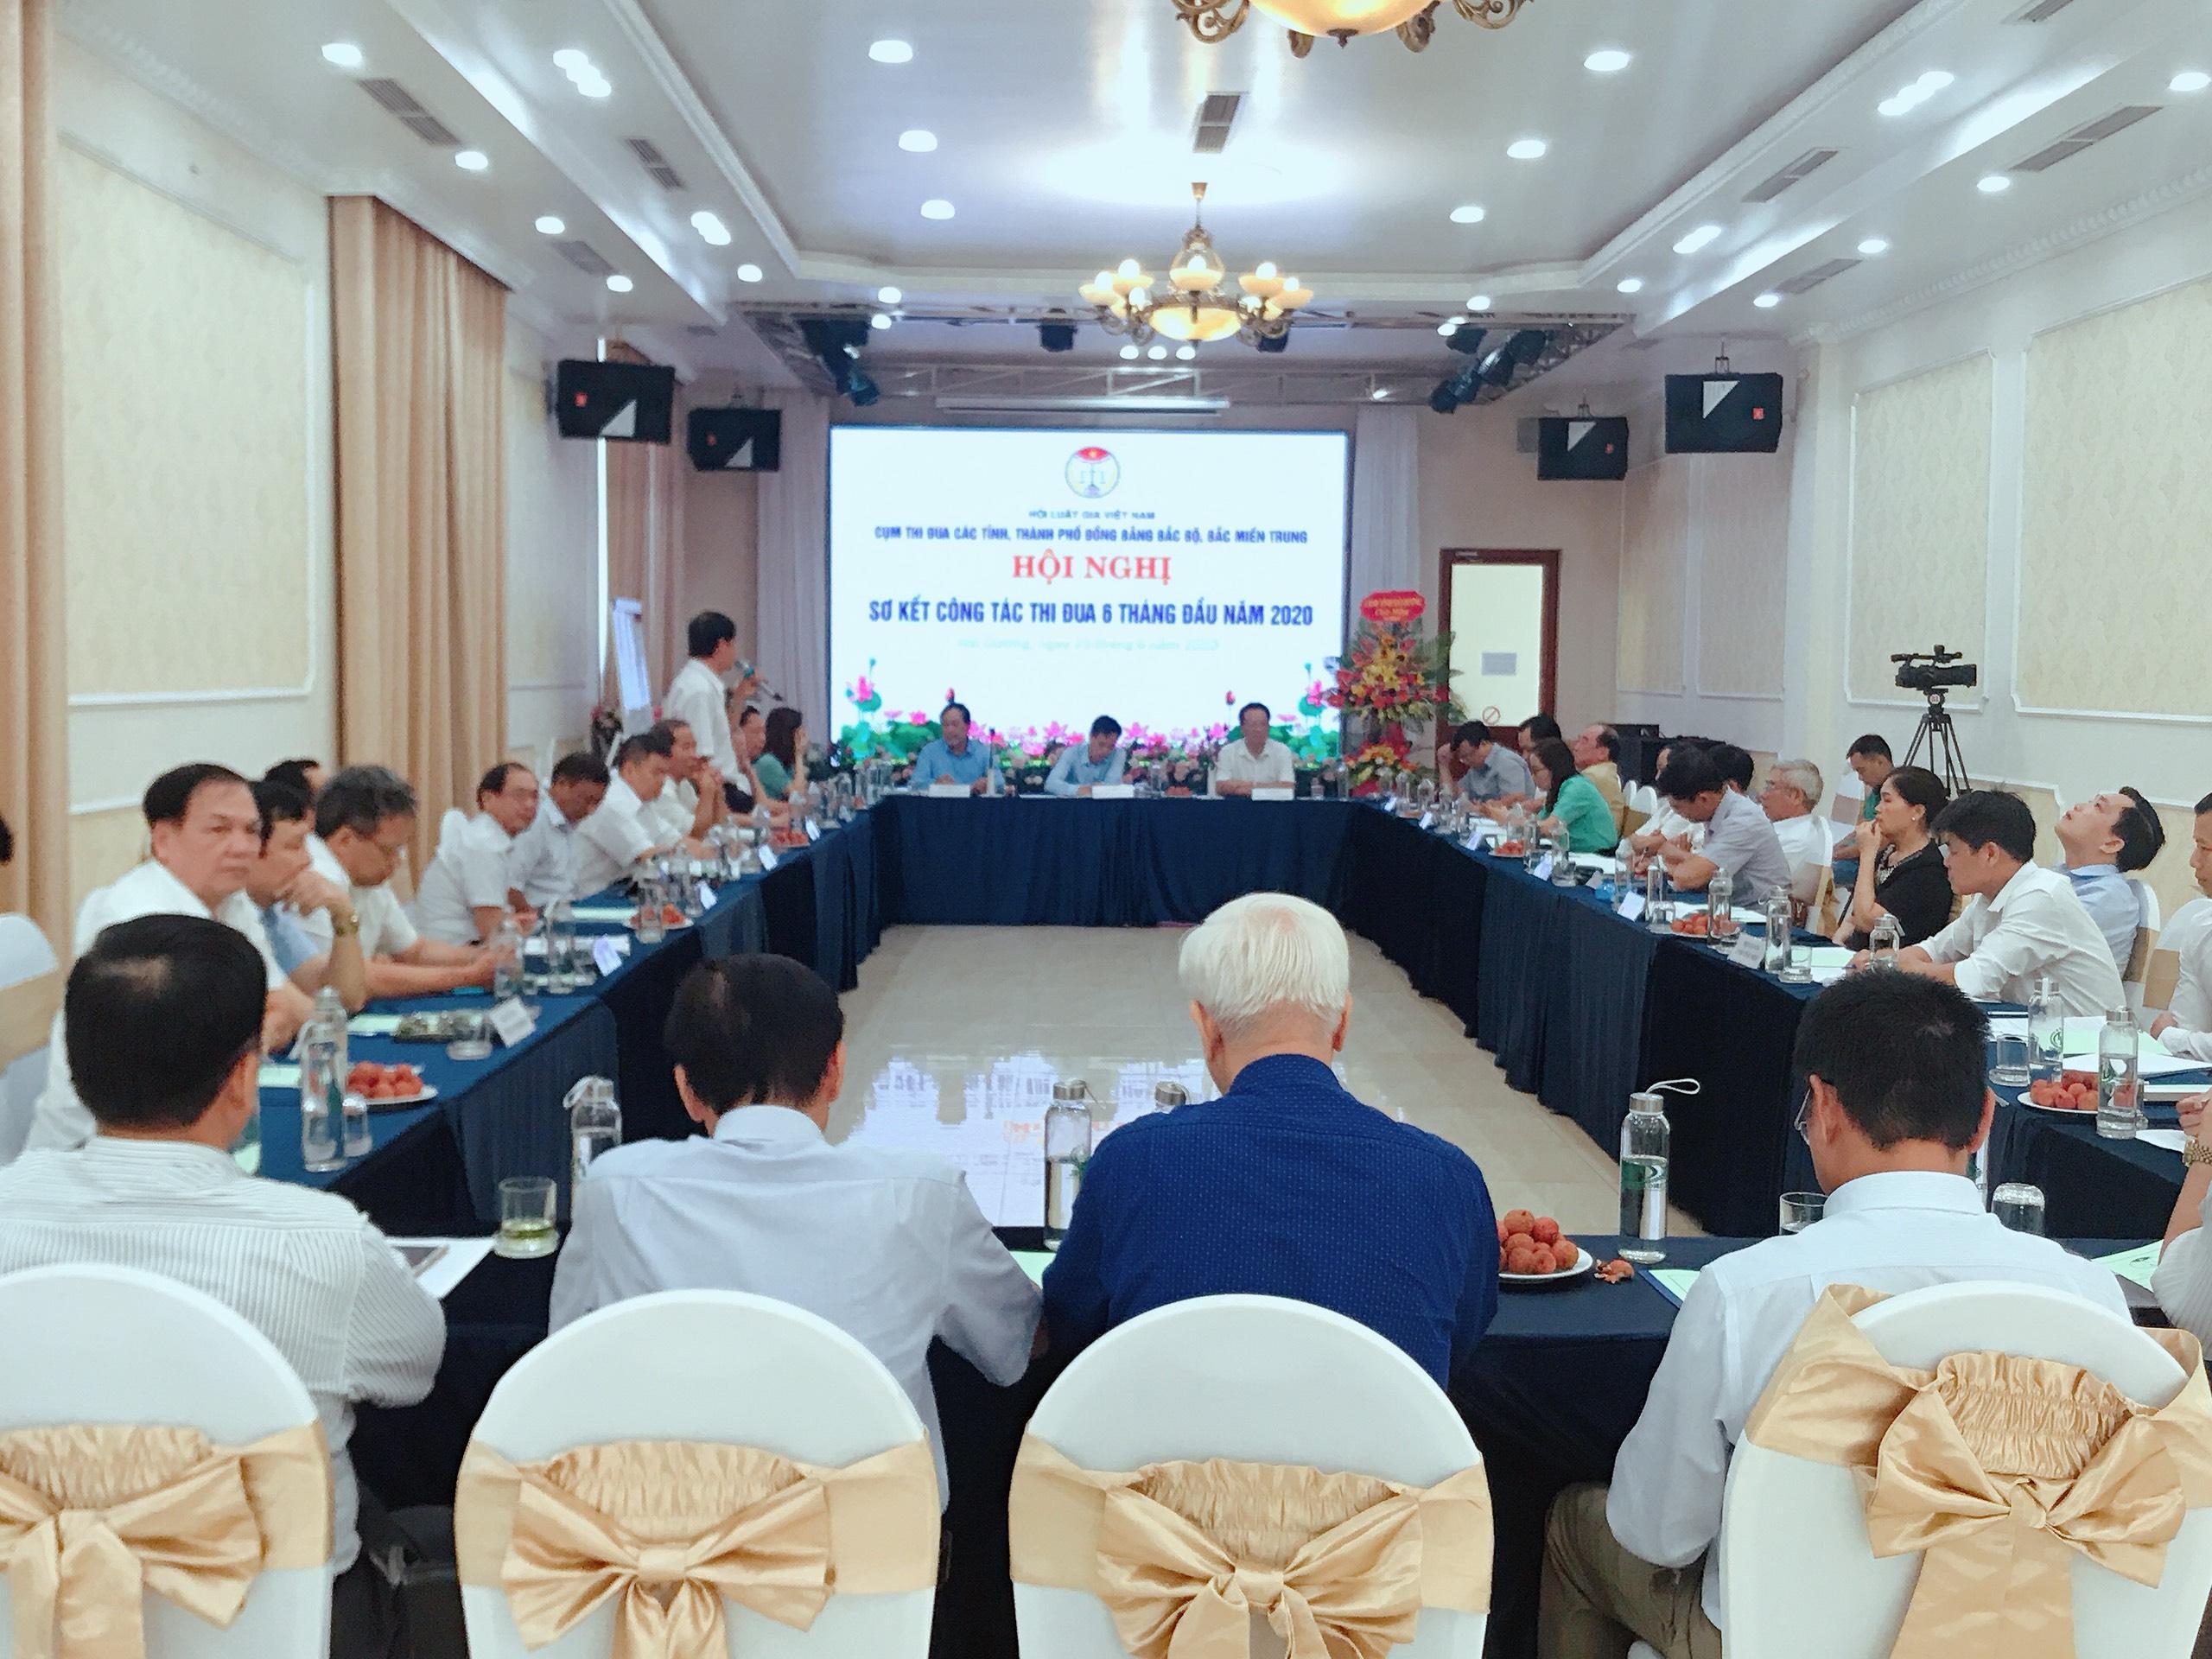 Hội nghị sơ kết Cụm thi đua hội Luật gia các tỉnh đồng bằng Bắc Bộ và Bắc Miền Trung - Ảnh 1